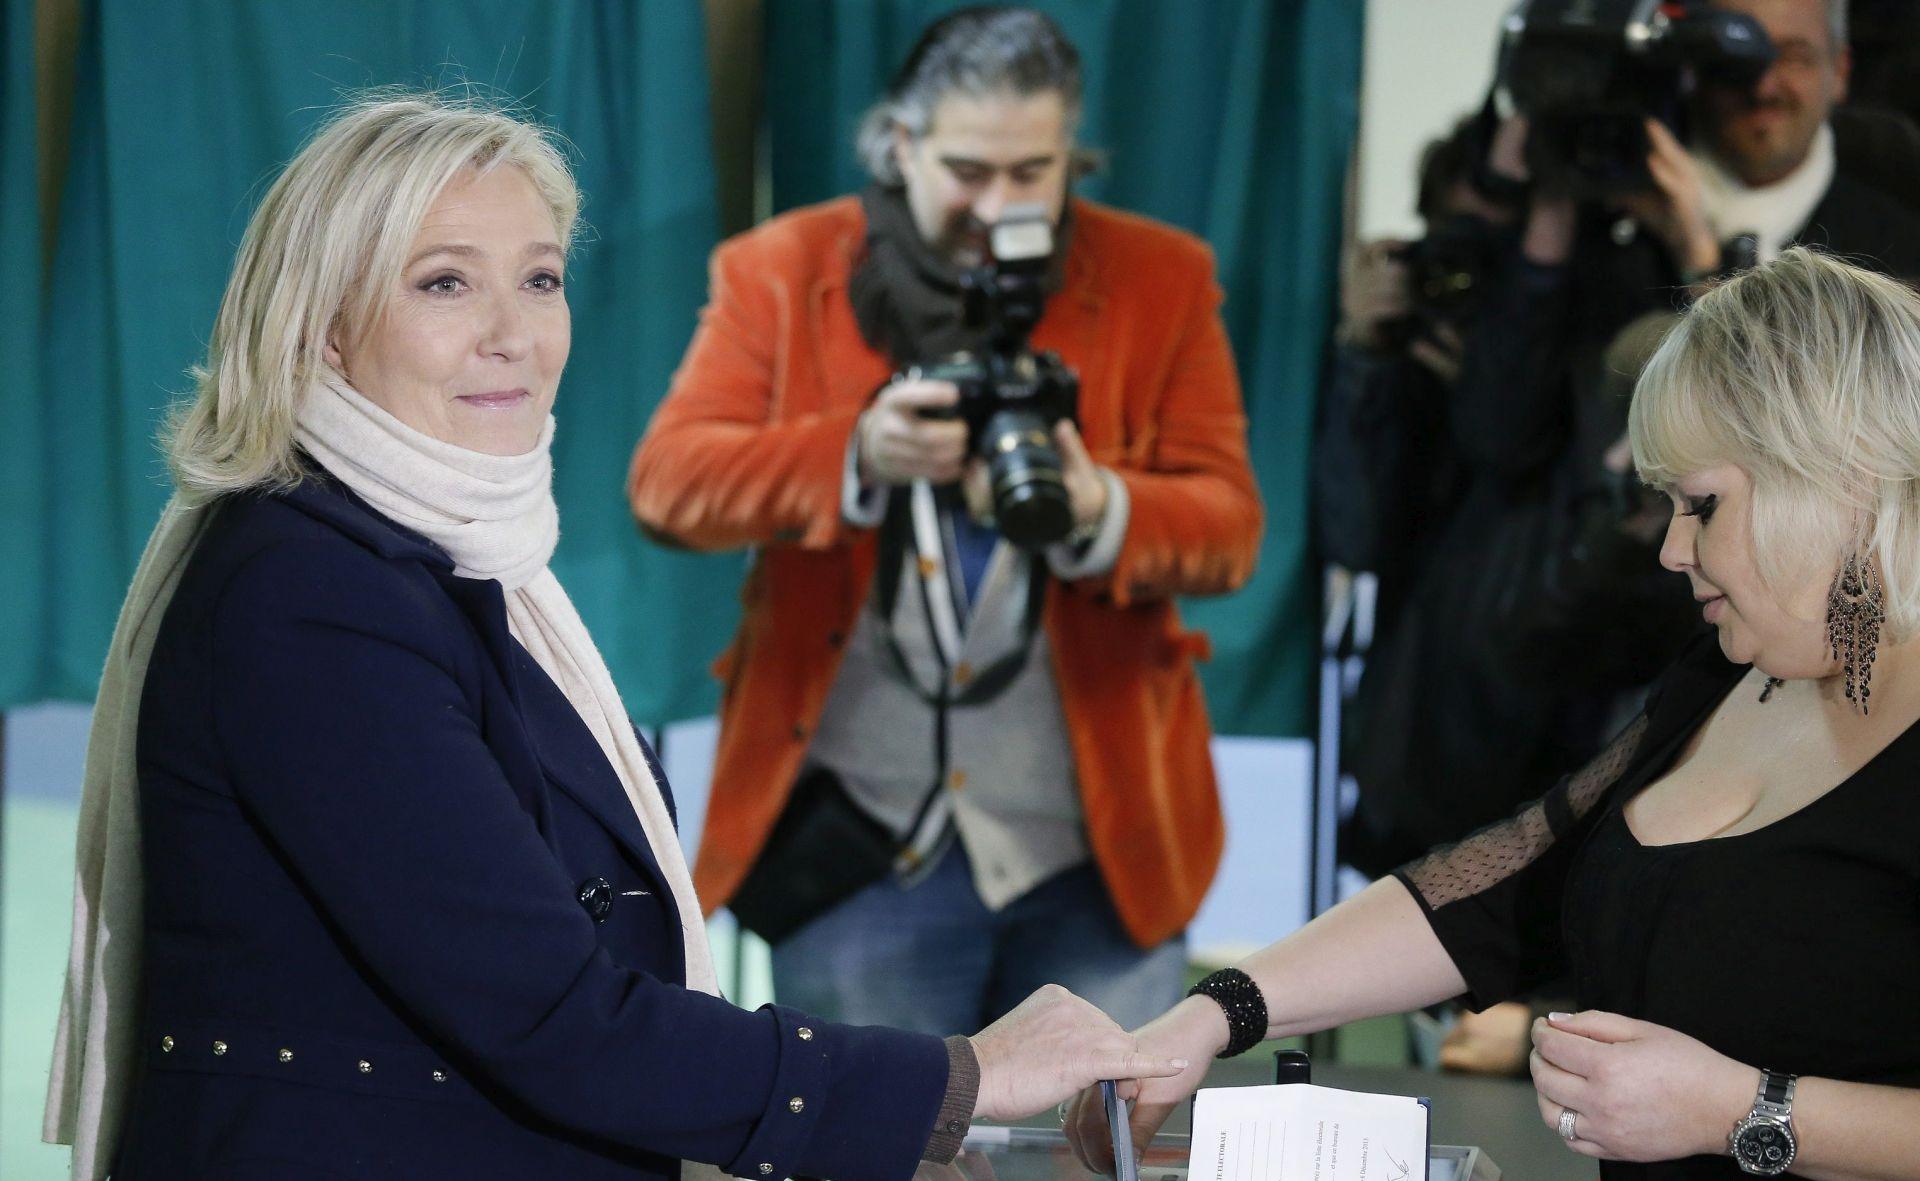 NACIONALNA FRONTA: Marine Le Pen oslobođena optužbi za poticanje na mržnju